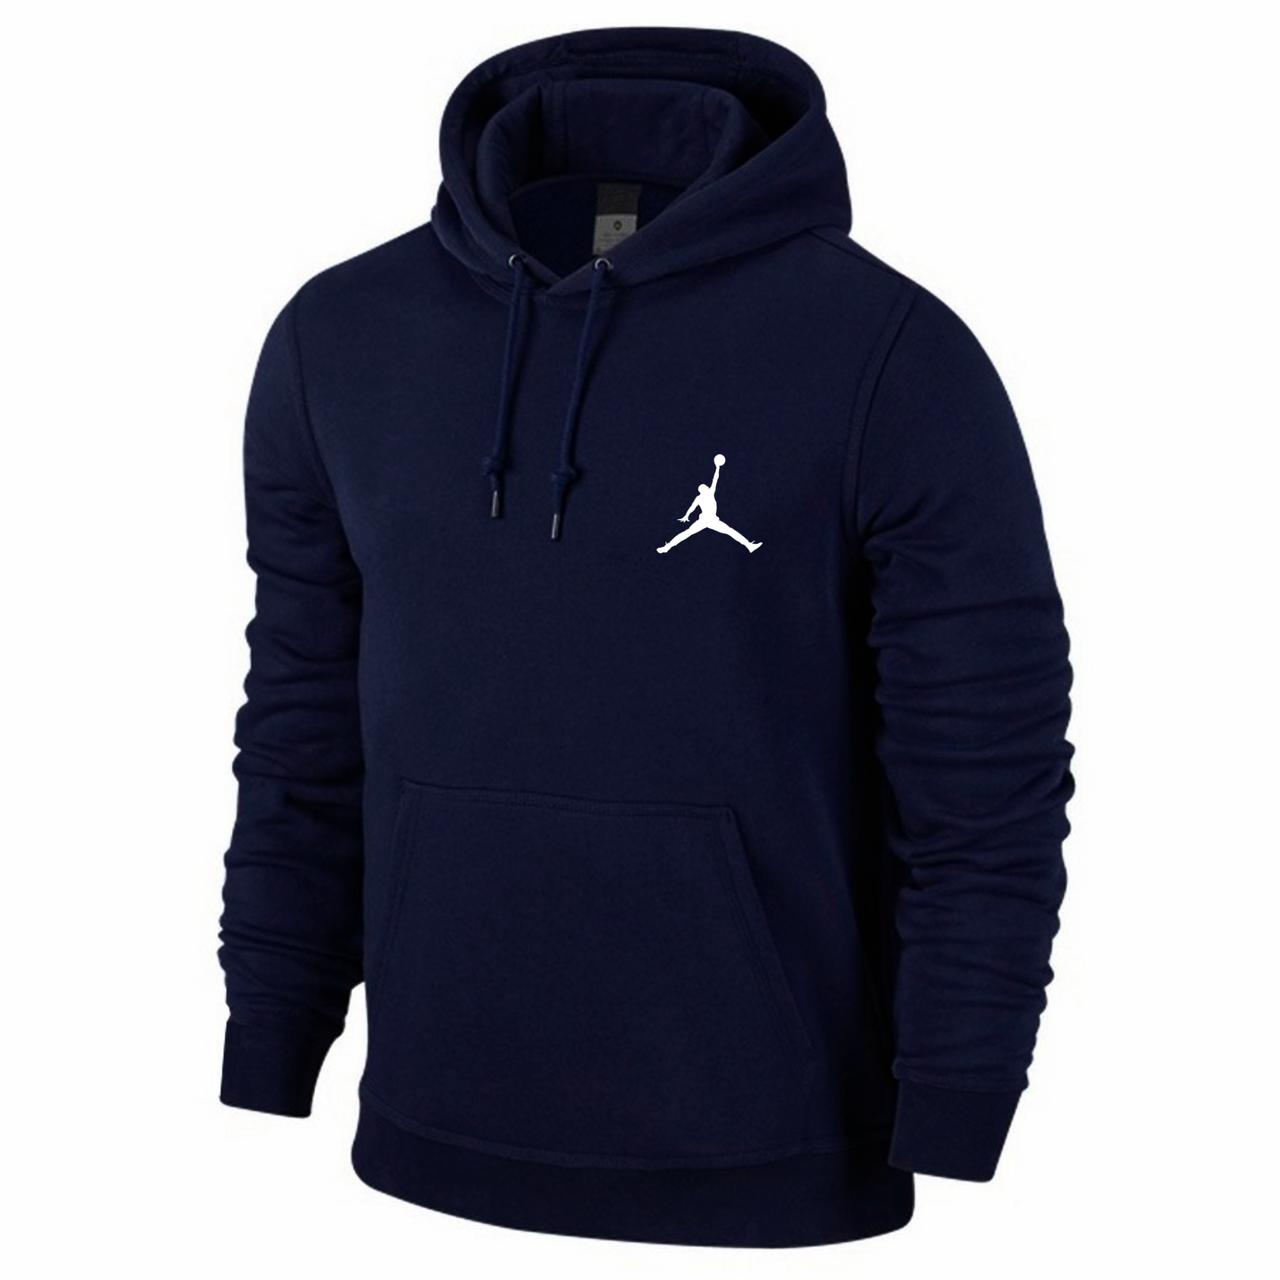 Спортивная мужская кофта Jordan, синяя